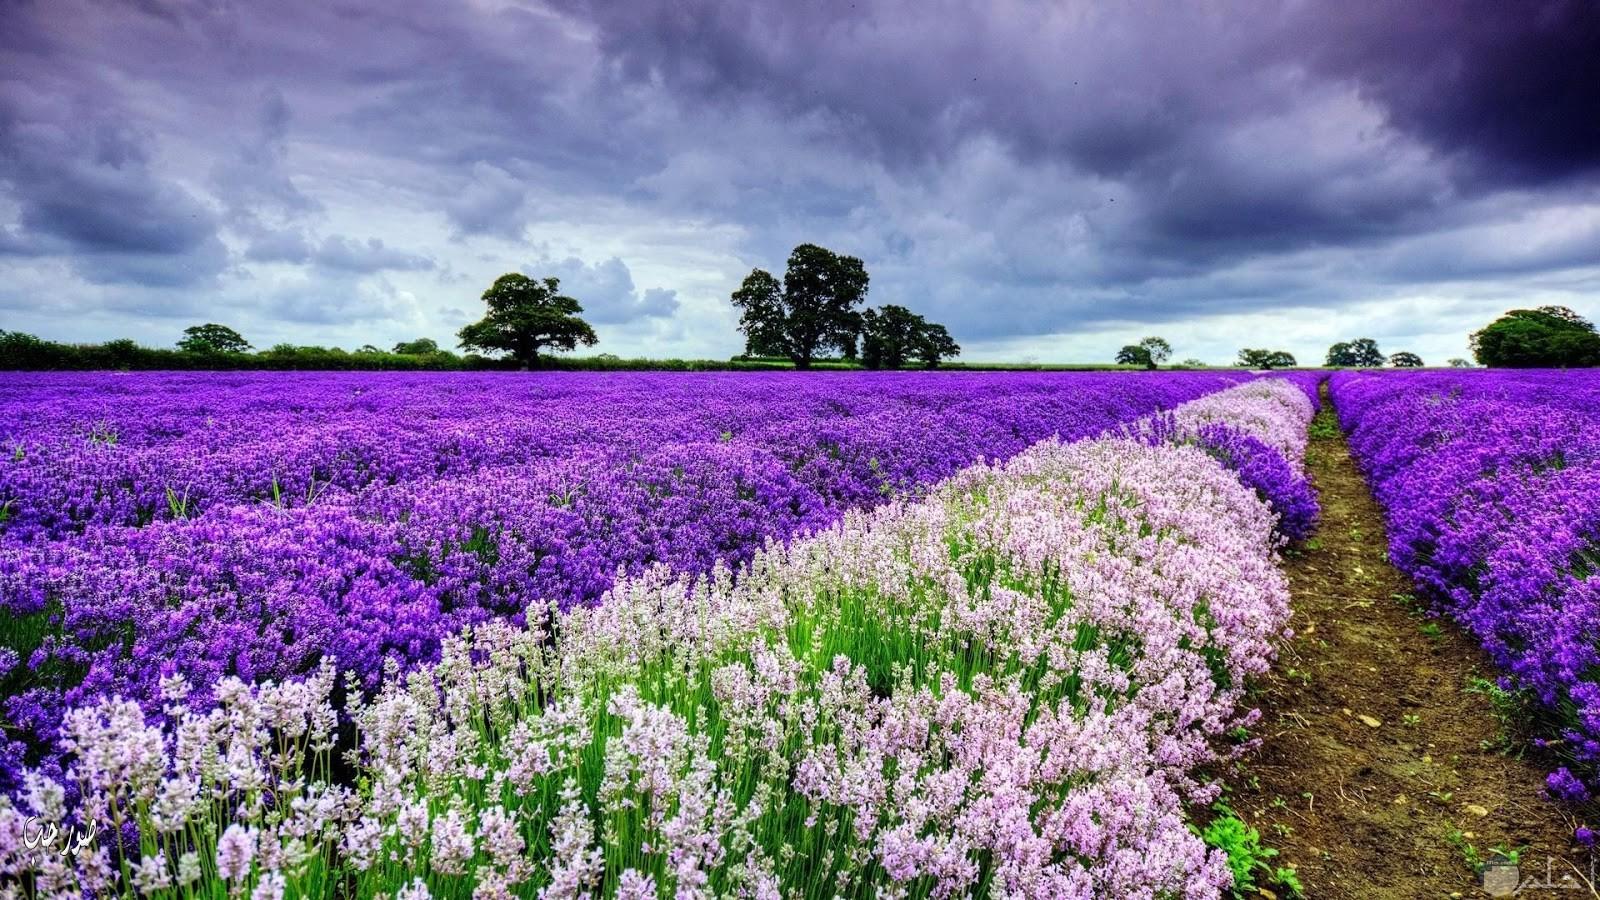 حقل زهور ما شاء الله جميل جدا